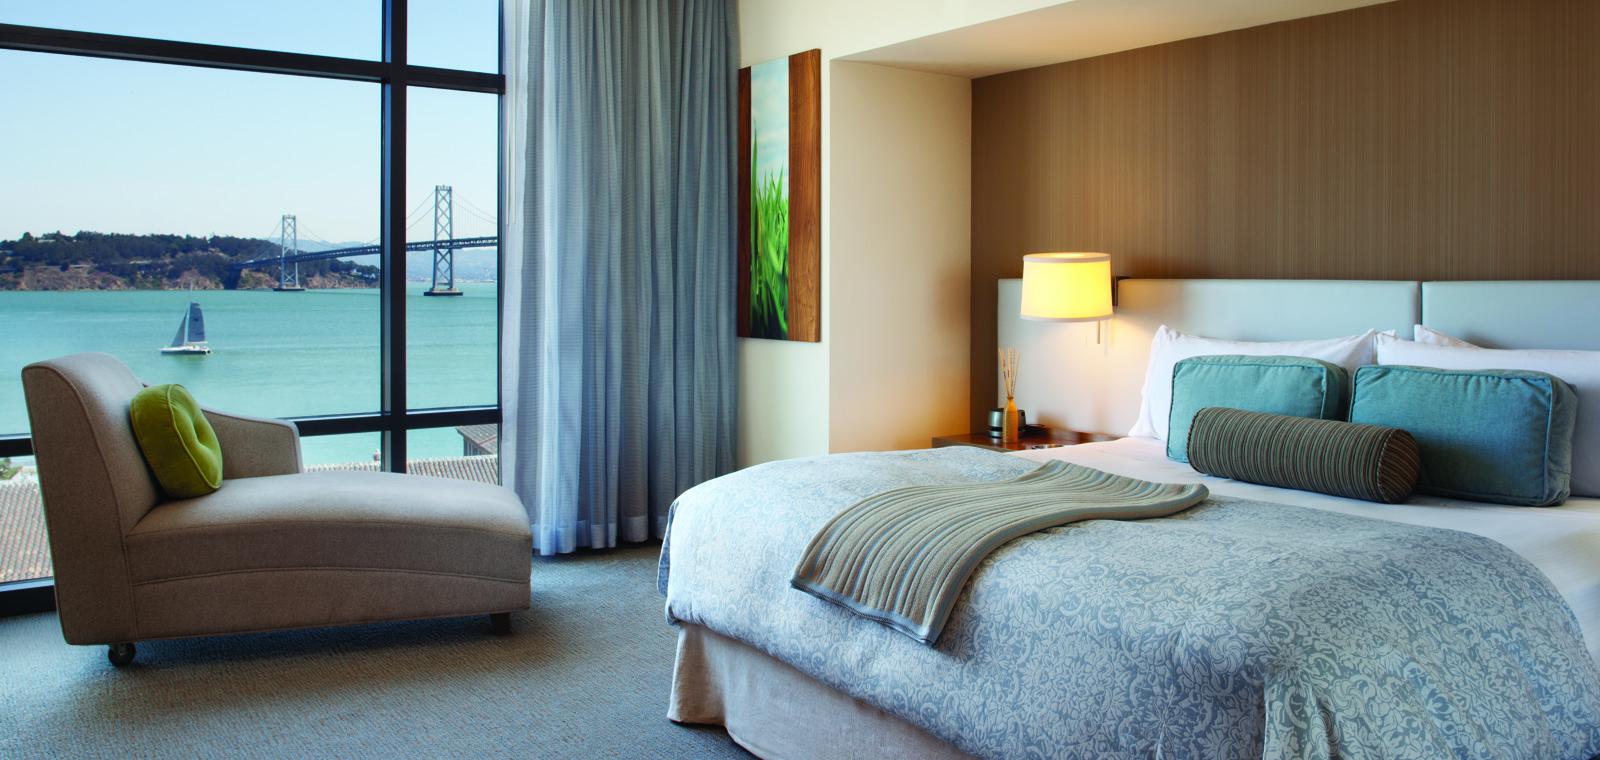 صوت هتل ها بلندگو هتل ها پیجینگ هتل ها